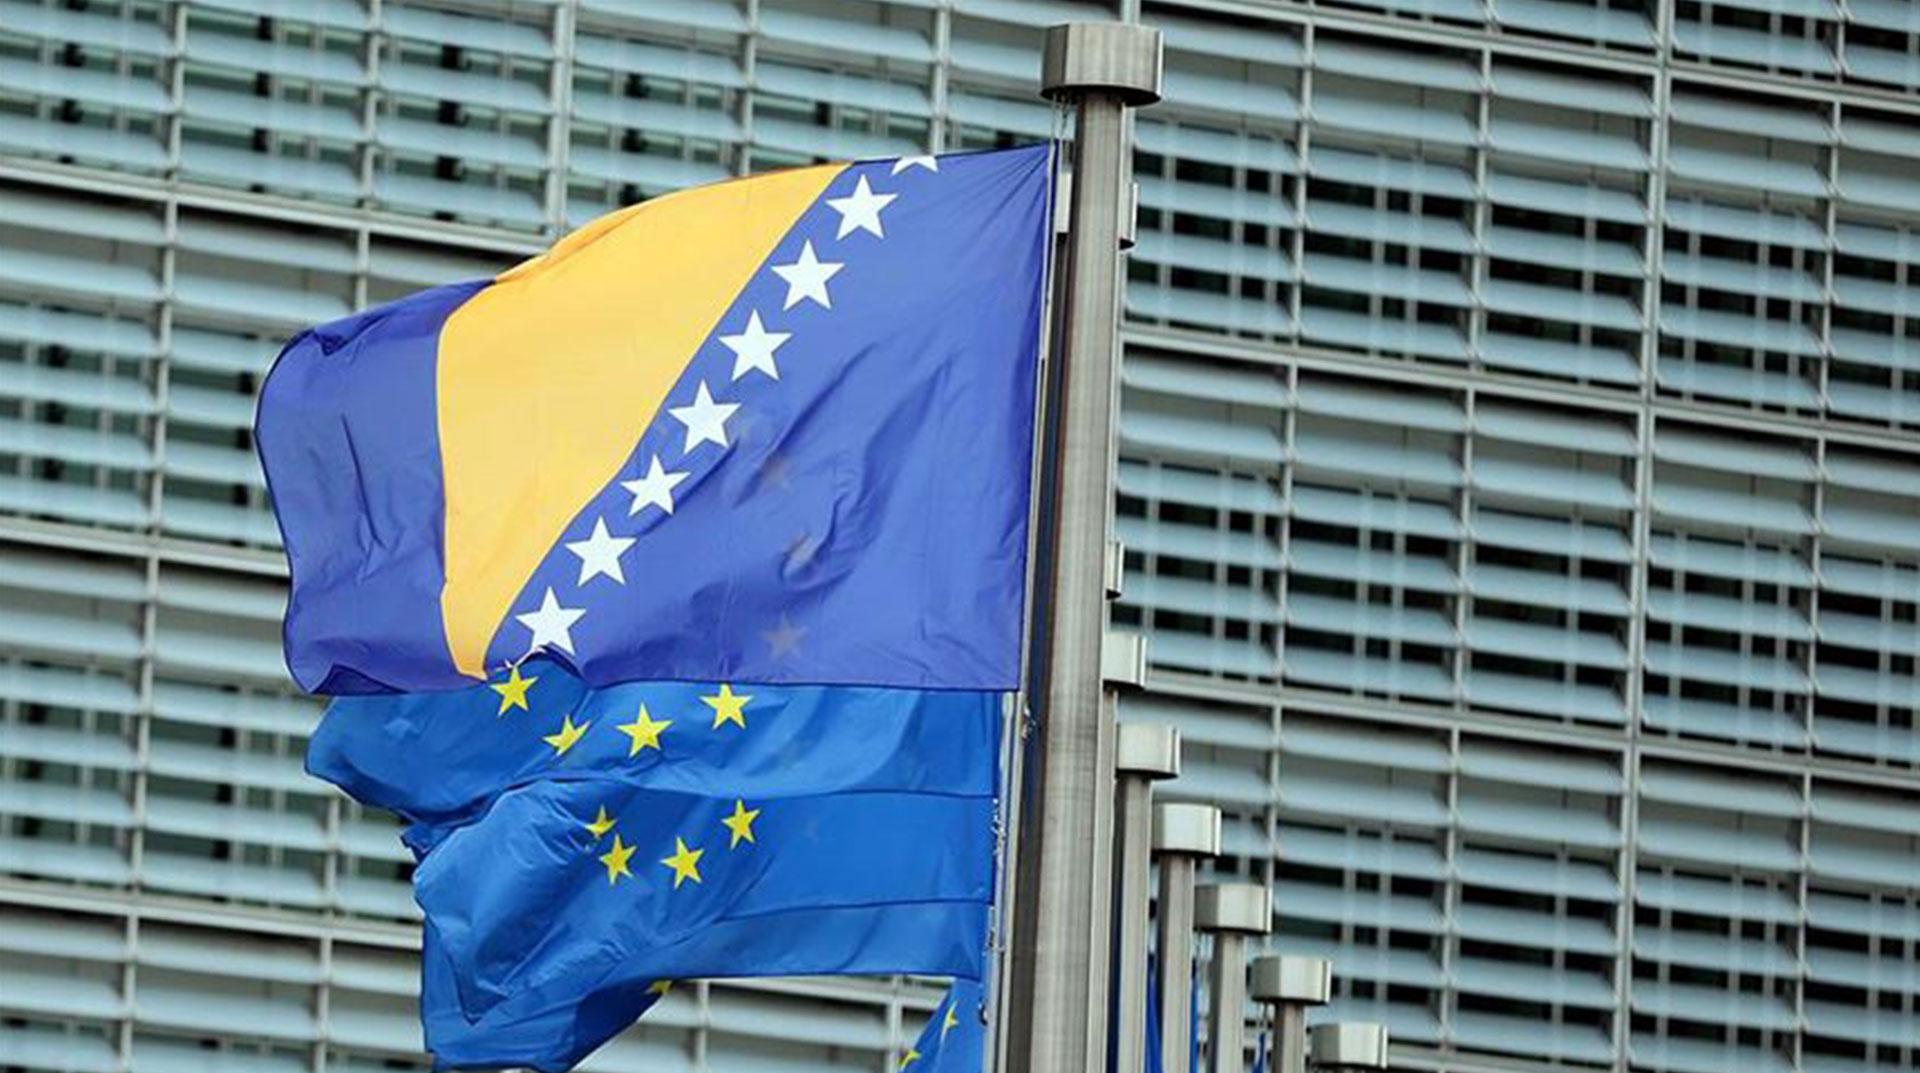 Bosna Hersek'te Yeni Hükümet İçin Anlaşma Sağlandı